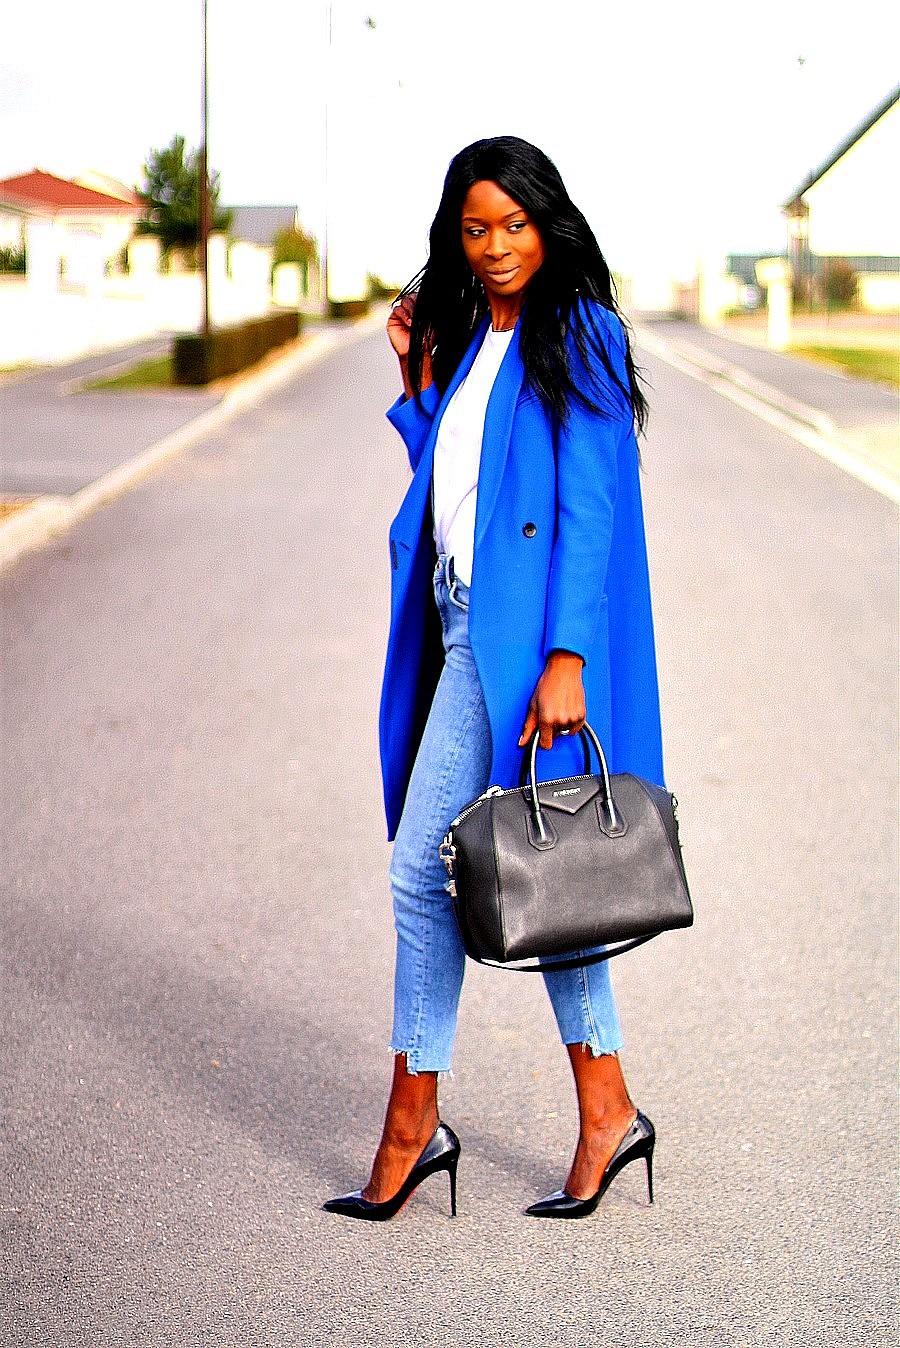 manteau-bleu-electrique-tendance-blog-mode-louboutin-pigalle-sac-givenchy-antigona